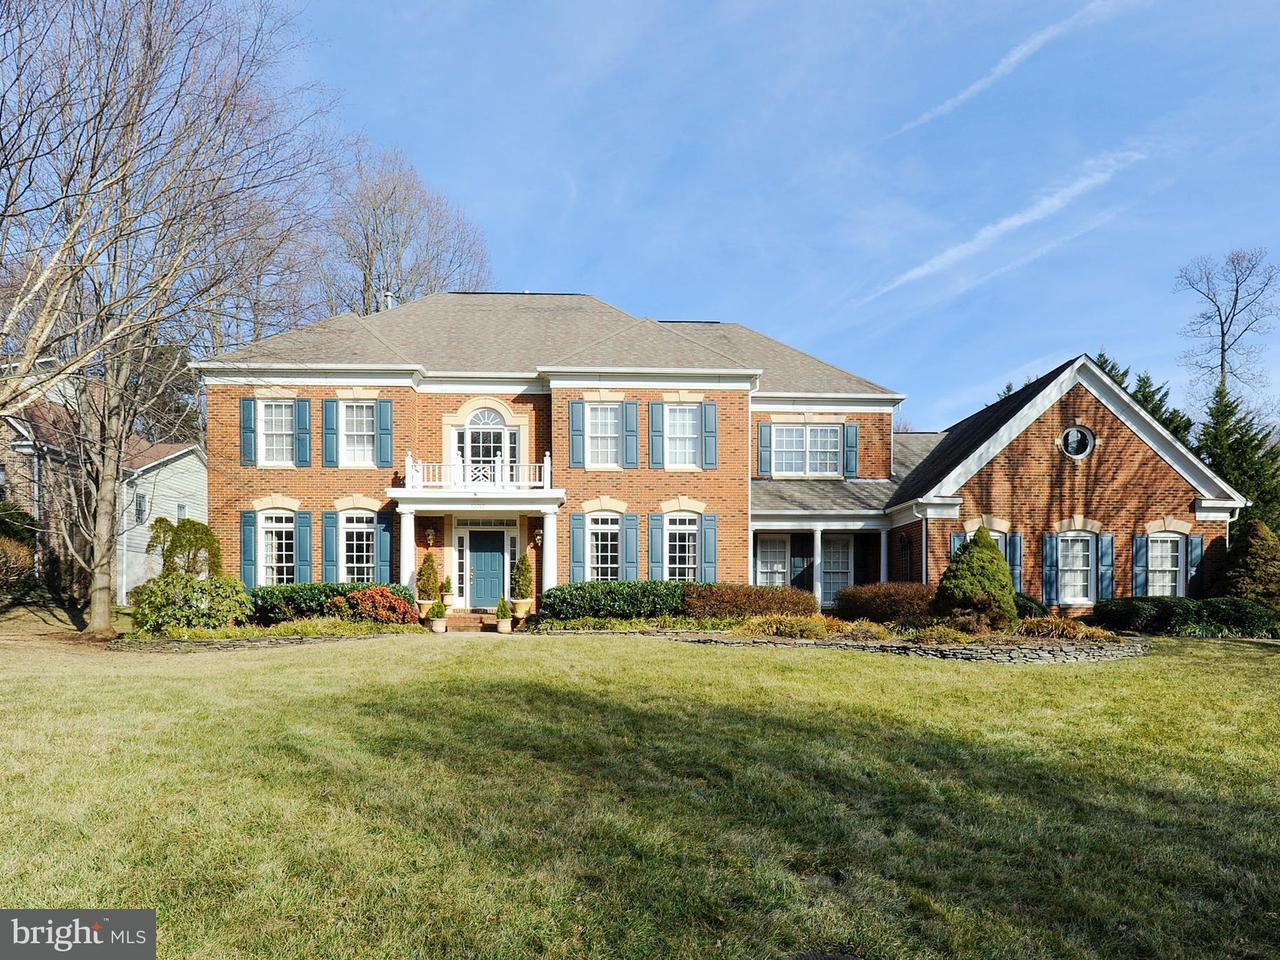 Μονοκατοικία για την Πώληση στο 12212 Kyler Lane 12212 Kyler Lane Herndon, Βιρτζινια 20171 Ηνωμενεσ Πολιτειεσ